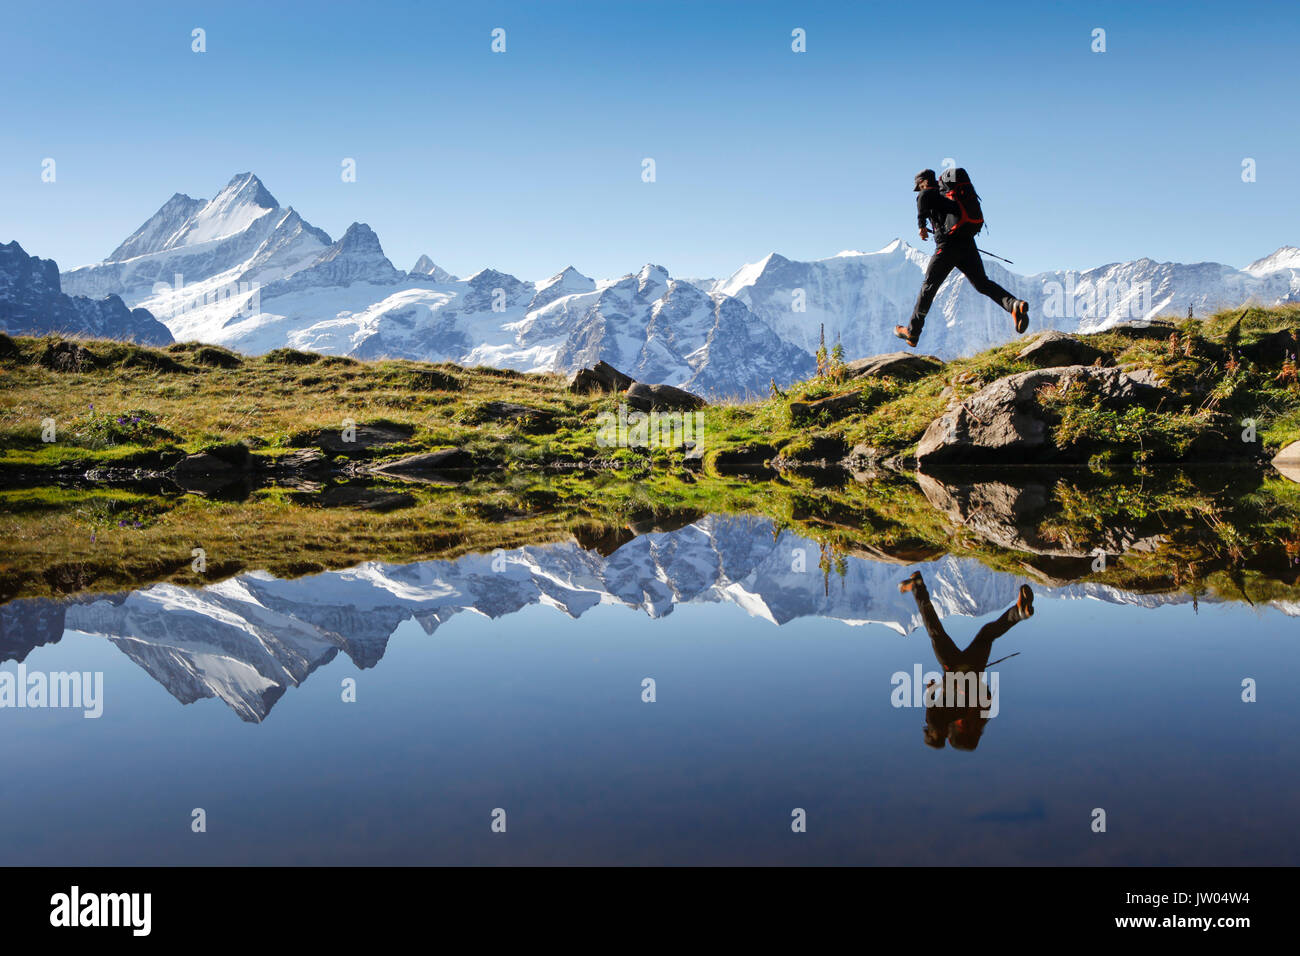 Ein Wanderer ist das Springen, während seine Aktion Körperhaltung in einem Bergsee über Grindelwald in den Schweizer Alpen reflektiert. Die berühmten Berner Oberland Gipfeln im Hintergrund. Stockbild